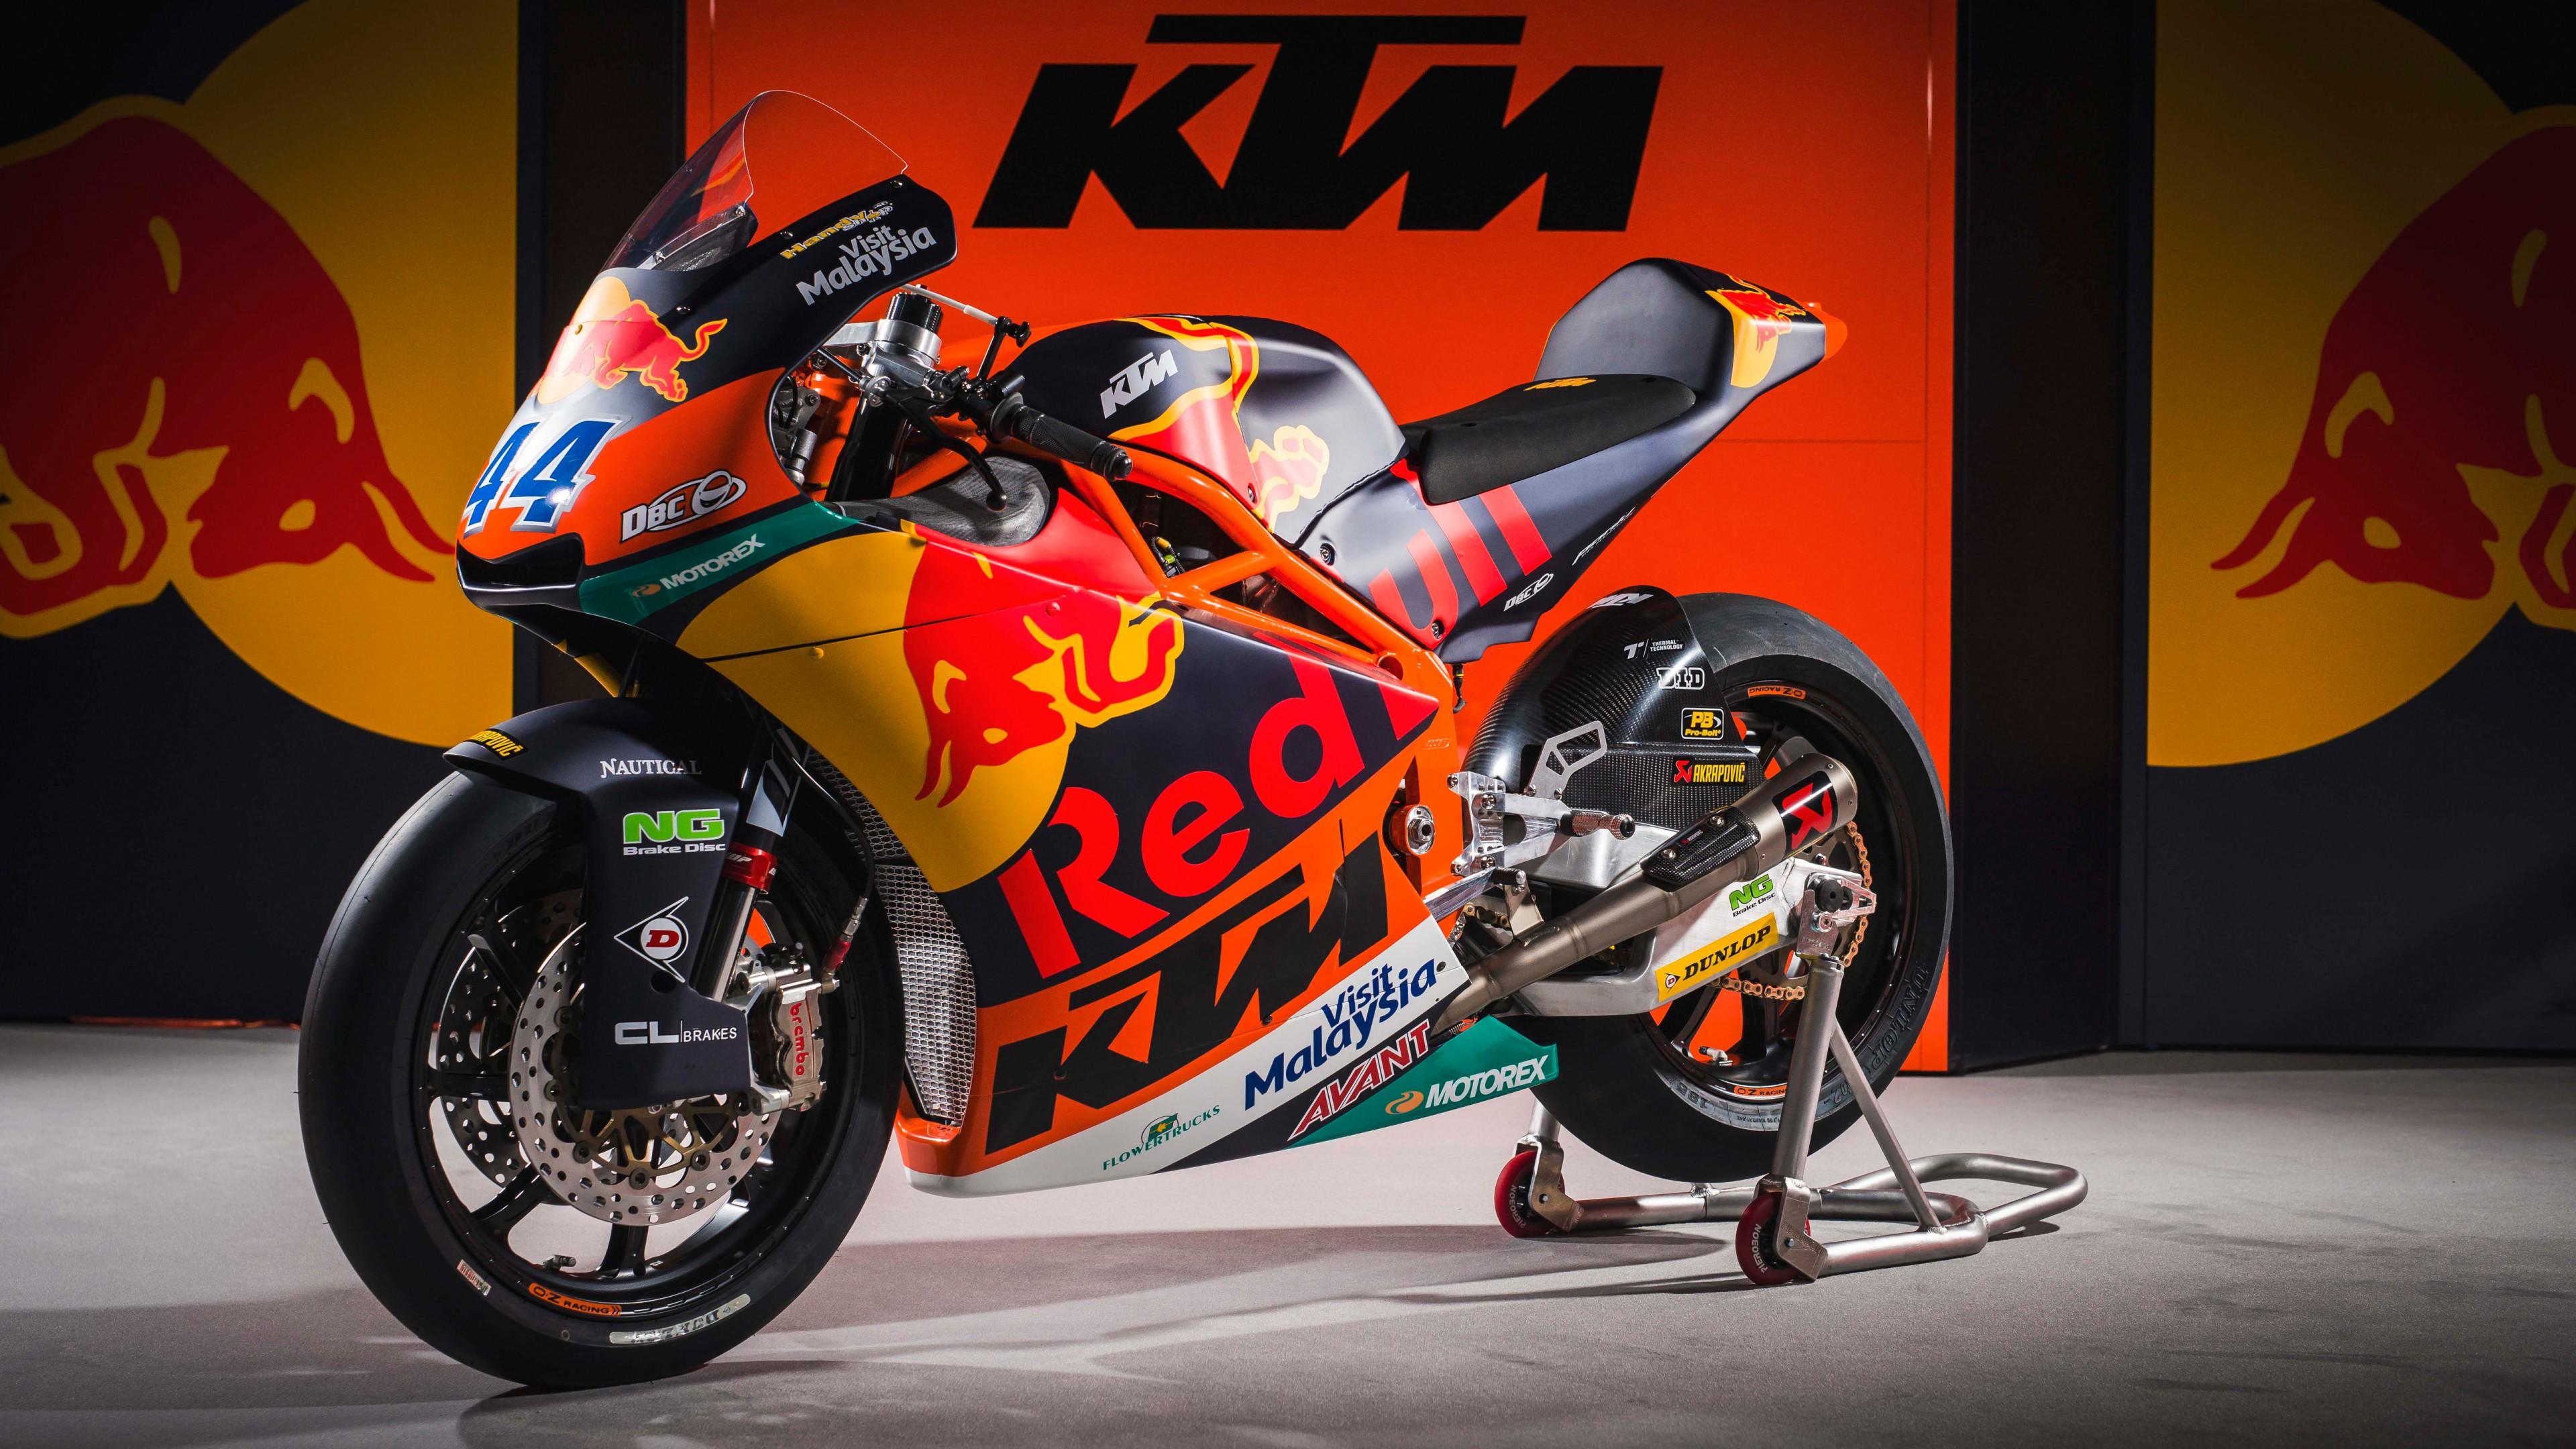 Wallpaper Hd Ducati 2017 Ktm Moto2 Motogp Race Bike 4k Wallpapers Hd